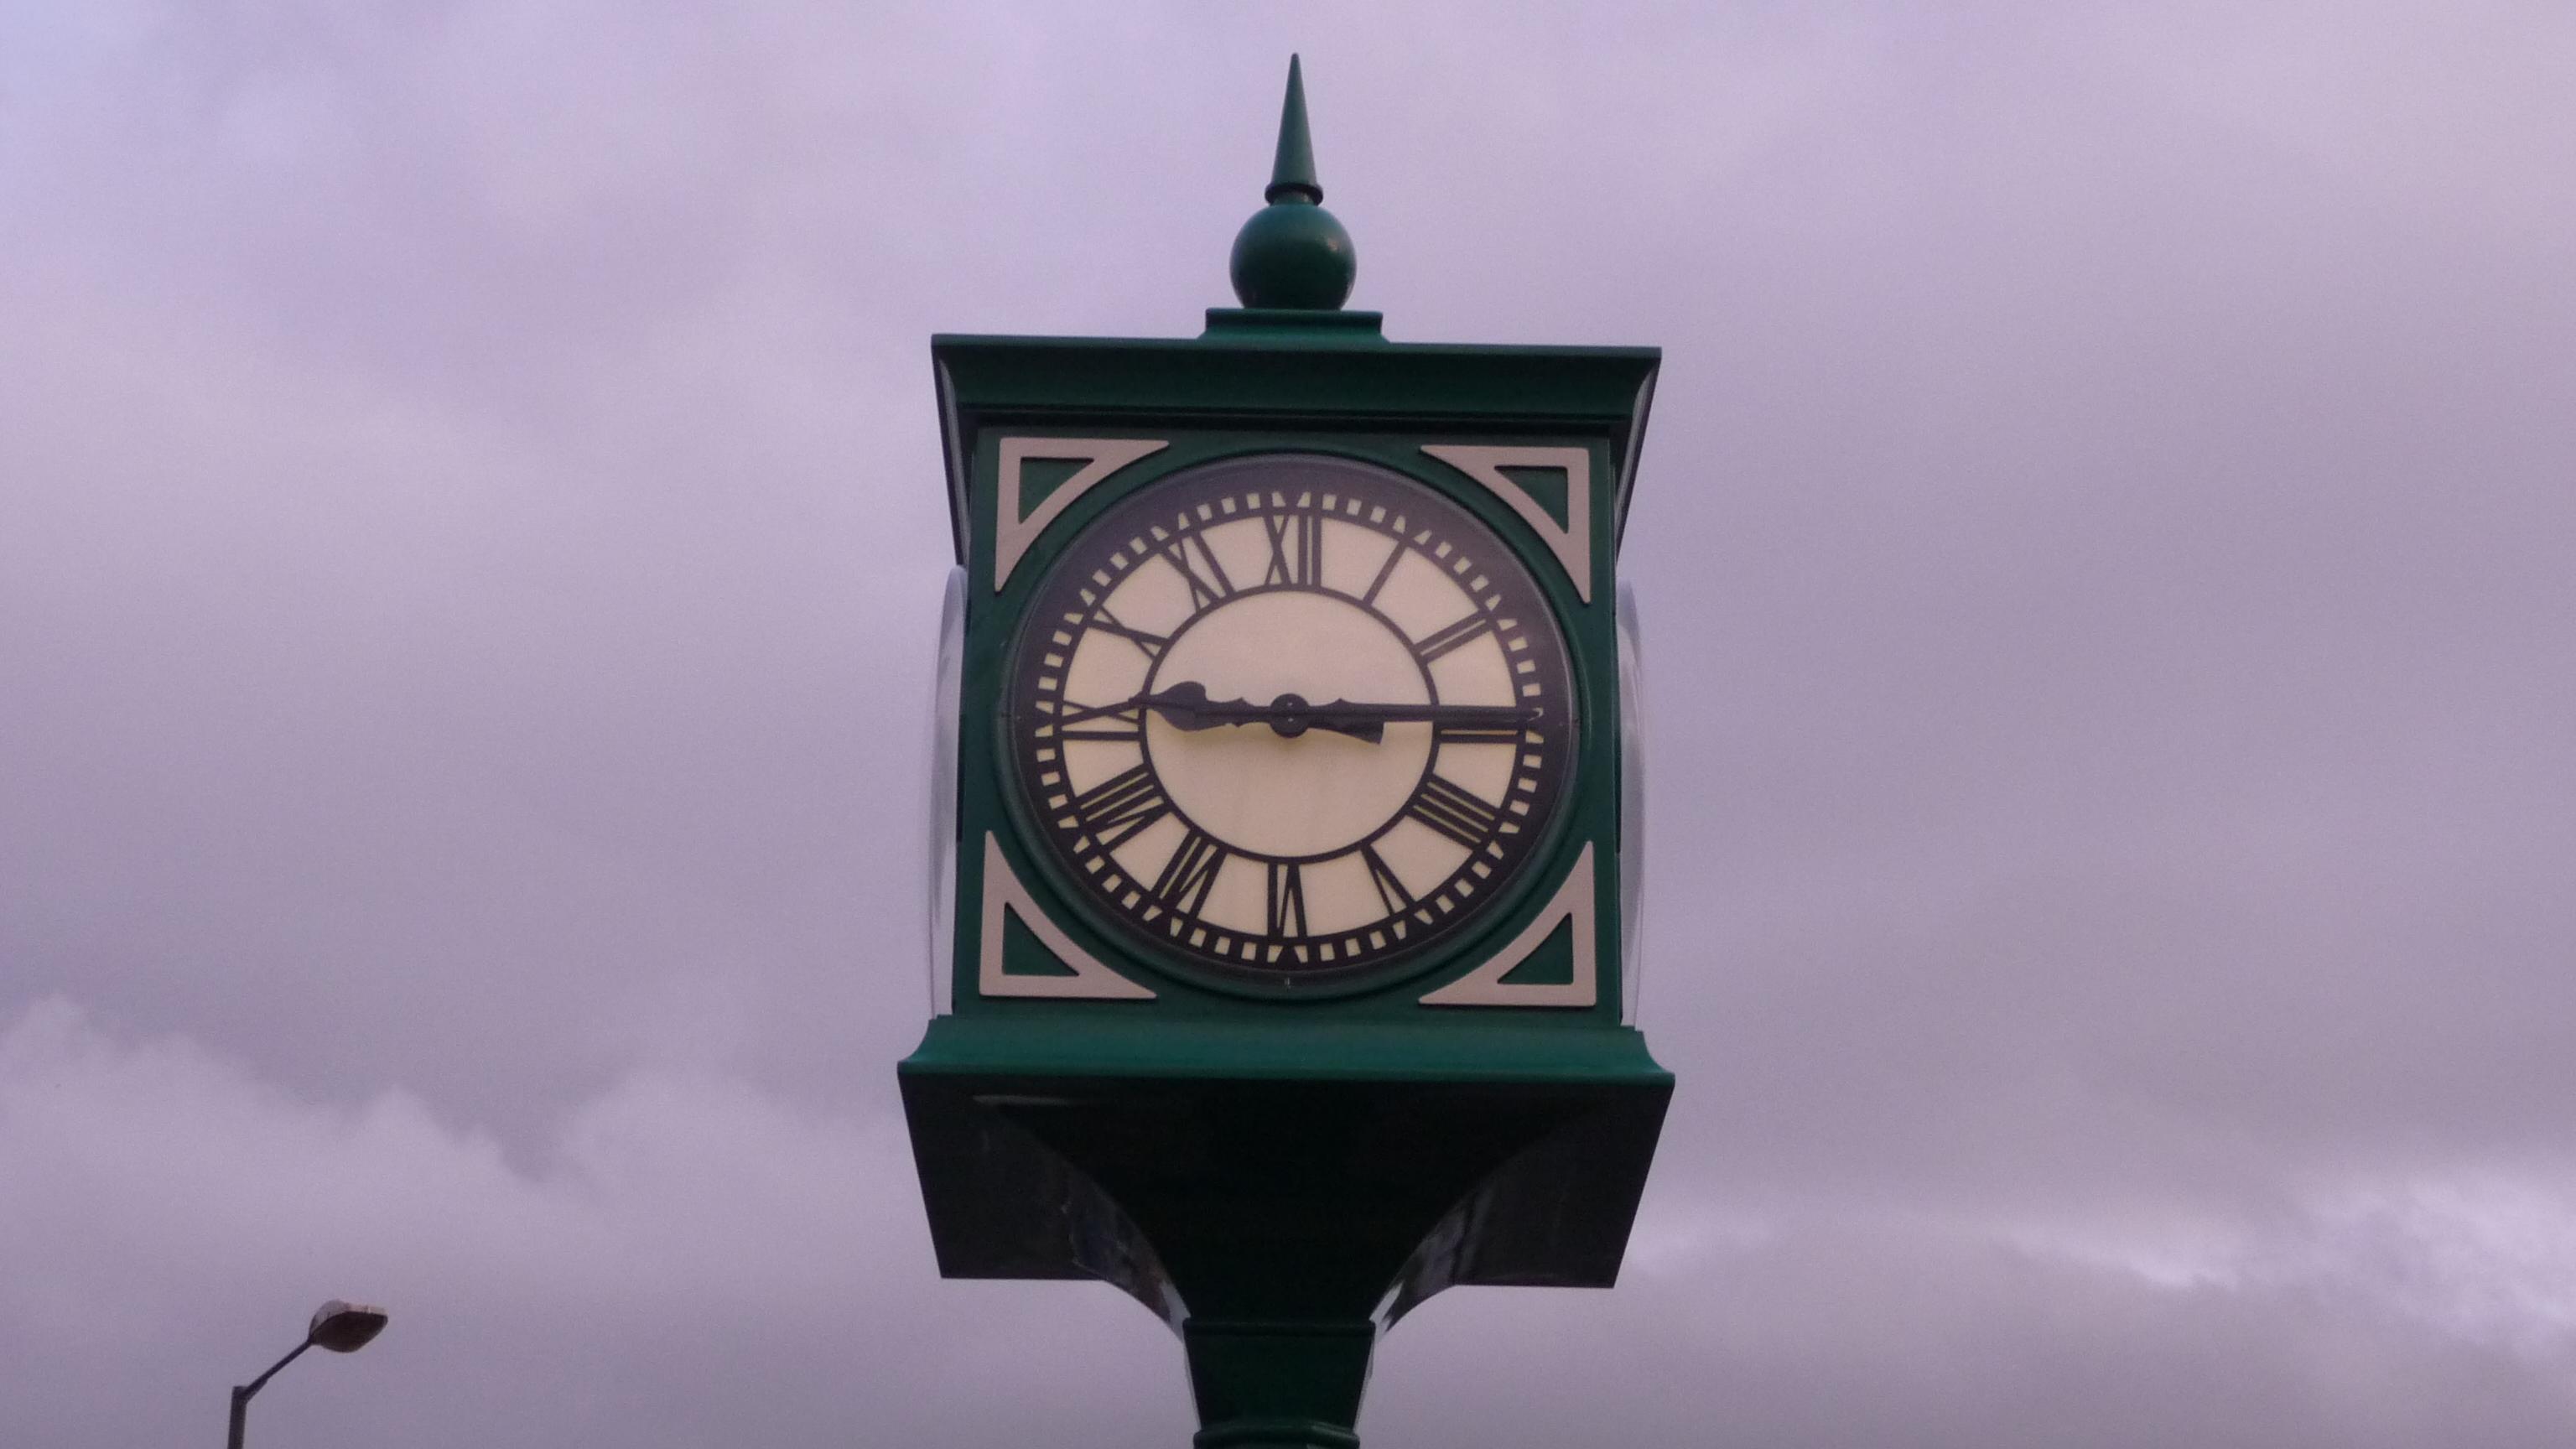 External pillar clock